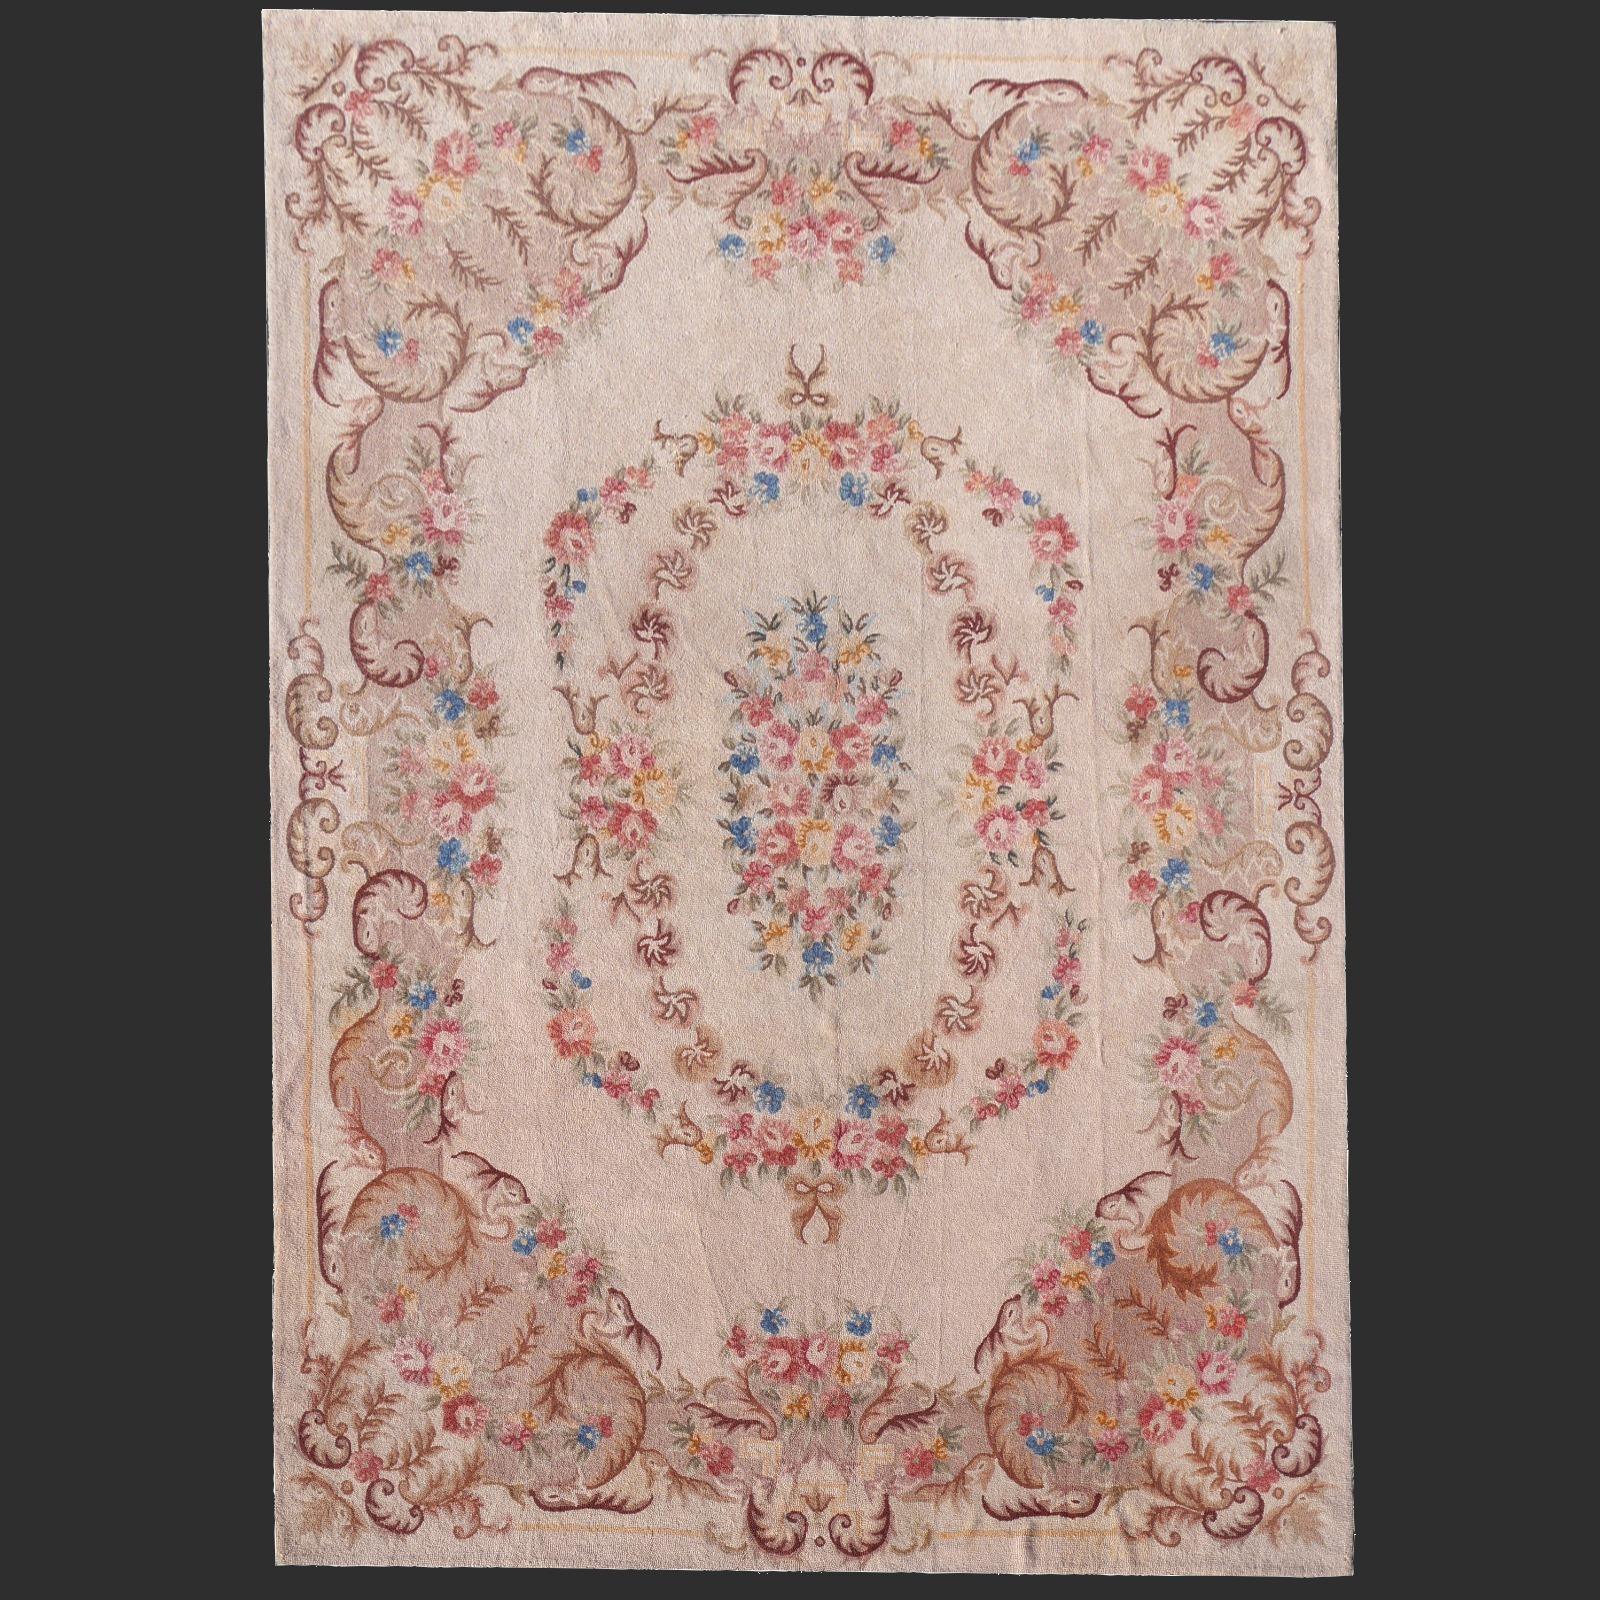 Berber teppich antik  14717 Arraiolos antik Teppich Portugal 450 x 325 cm Aubusson Stil ...